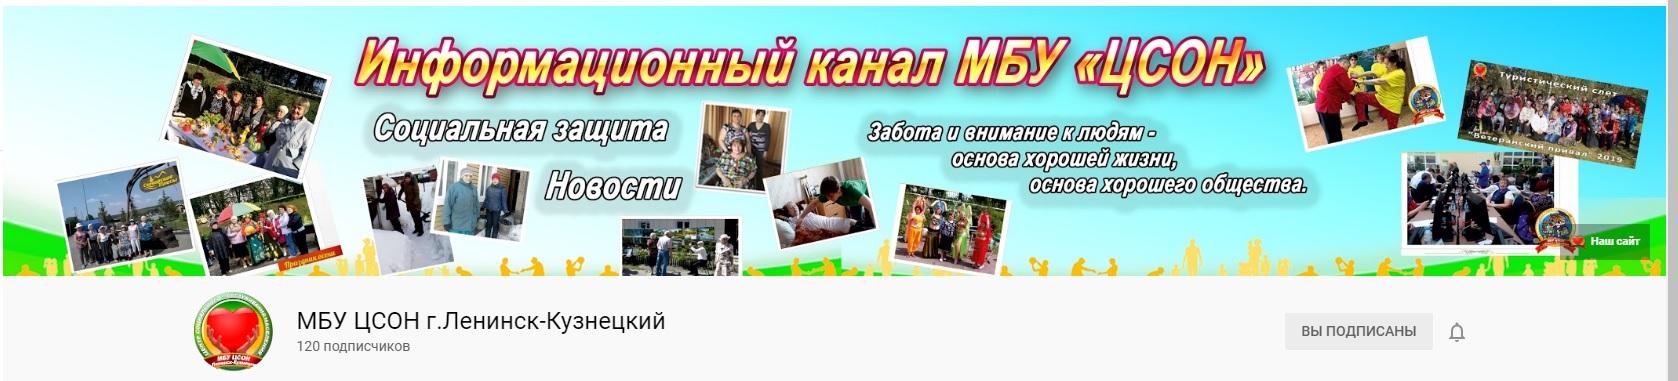 youtube канал 2021